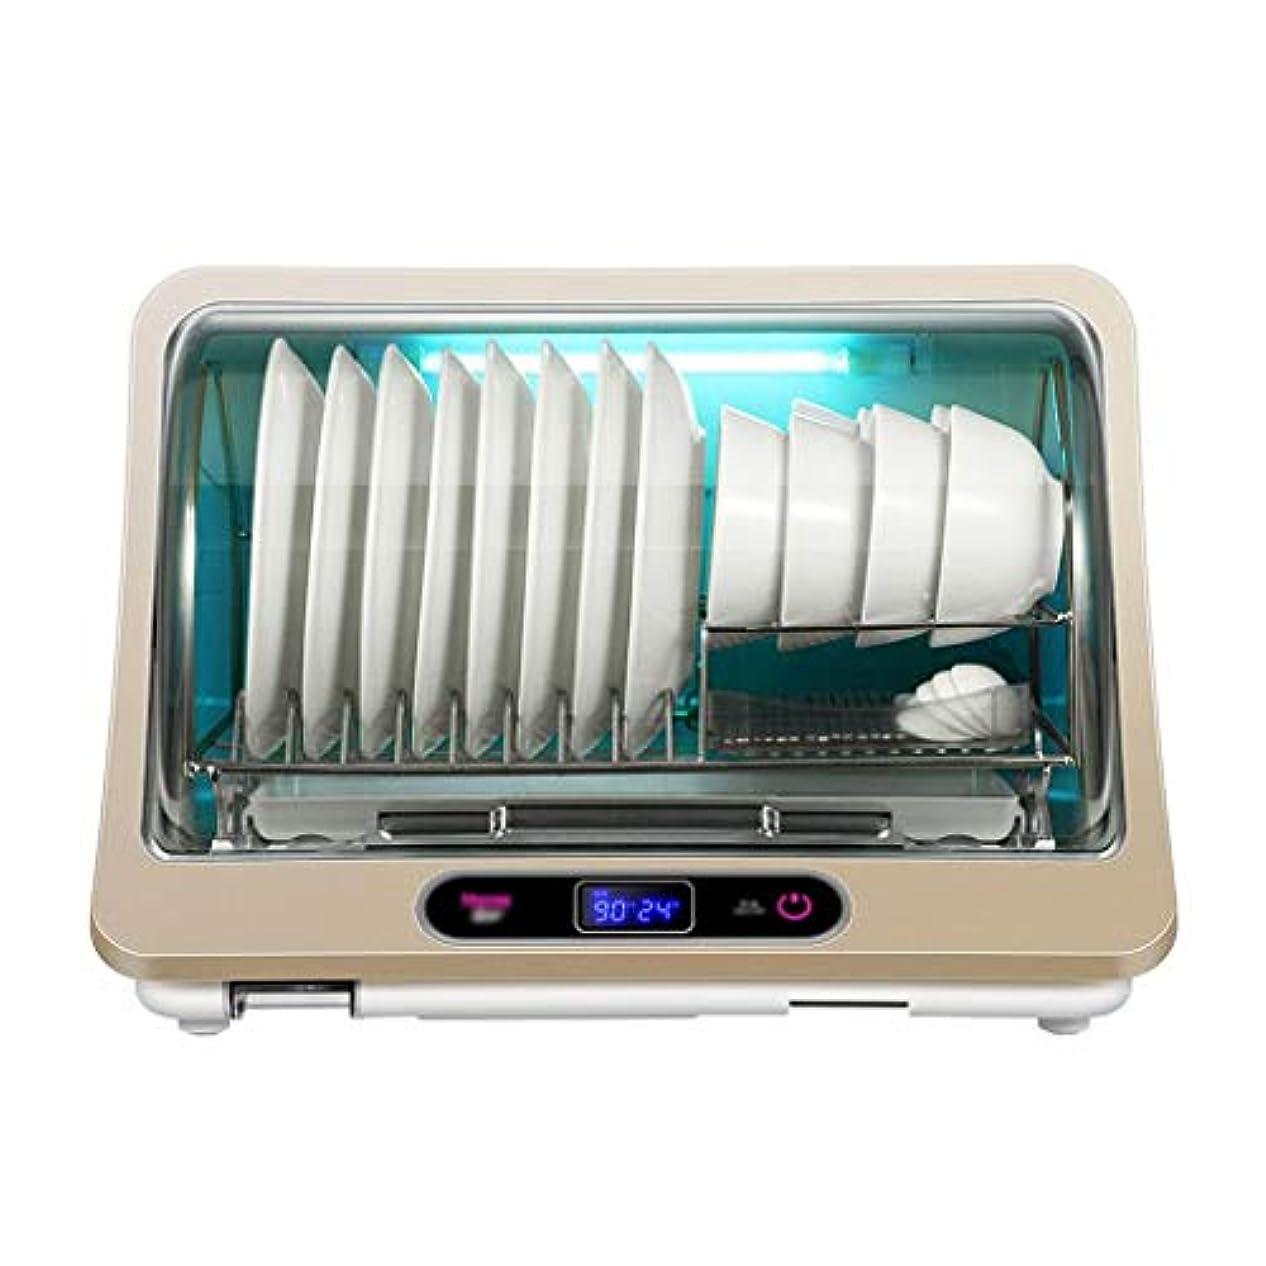 仕える文明化ジョットディボンドン紫外線消毒の食器棚家のデスクトップの消毒のキャビネット小型クリーニングのキャビネット高温殺菌のキャビネット、35L容量 業務用食器洗い乾燥機 (Color : Gray, Size : 49.5*33.5*35.8cm)